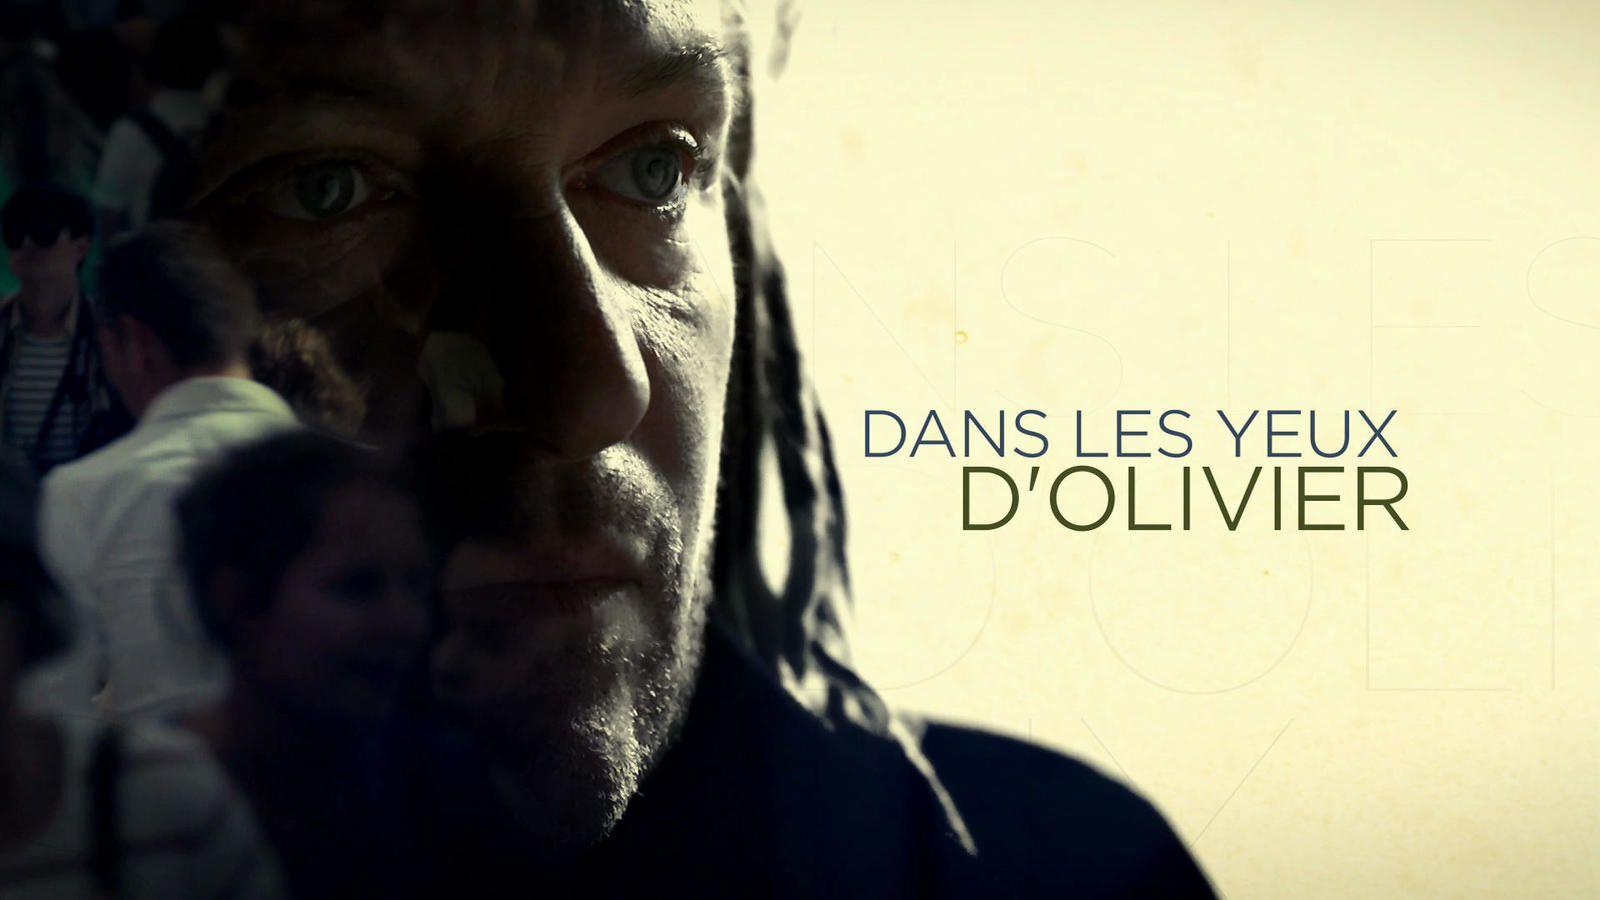 Ce que j'ai découvert après sa mort : thème du magazine Dans les yeux d'Olivier Delacroix, ce 12 juin.